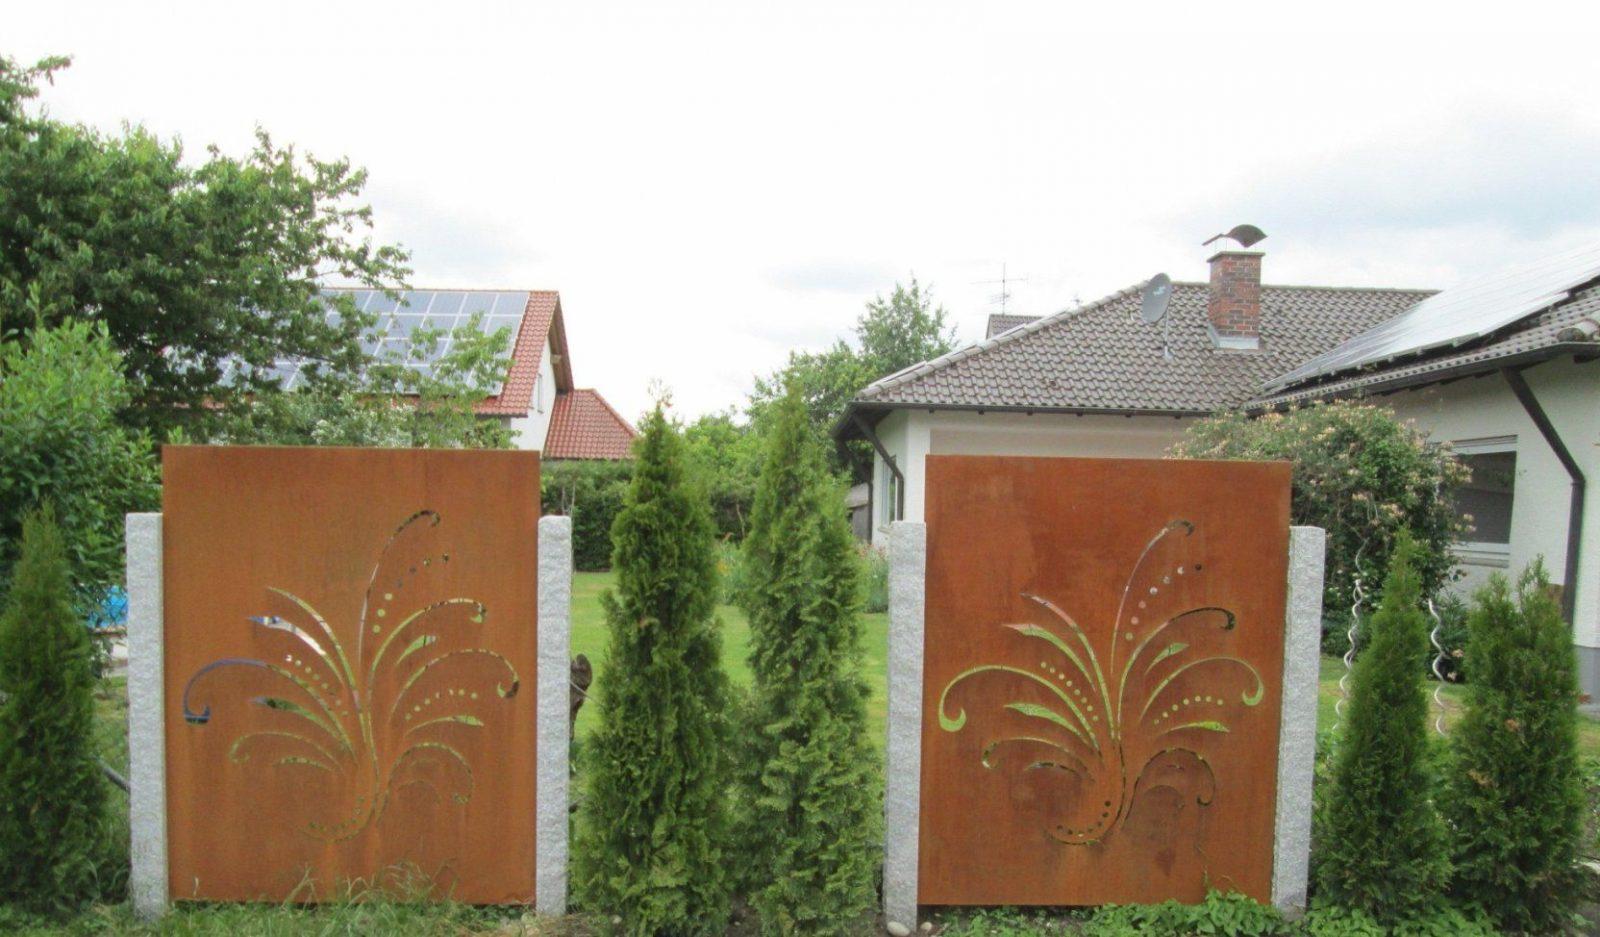 Sichtschutz Metall Rost In Garten Sichtschutz Blech Einzigartig von Sichtschutz Garten Metall Rost Bild